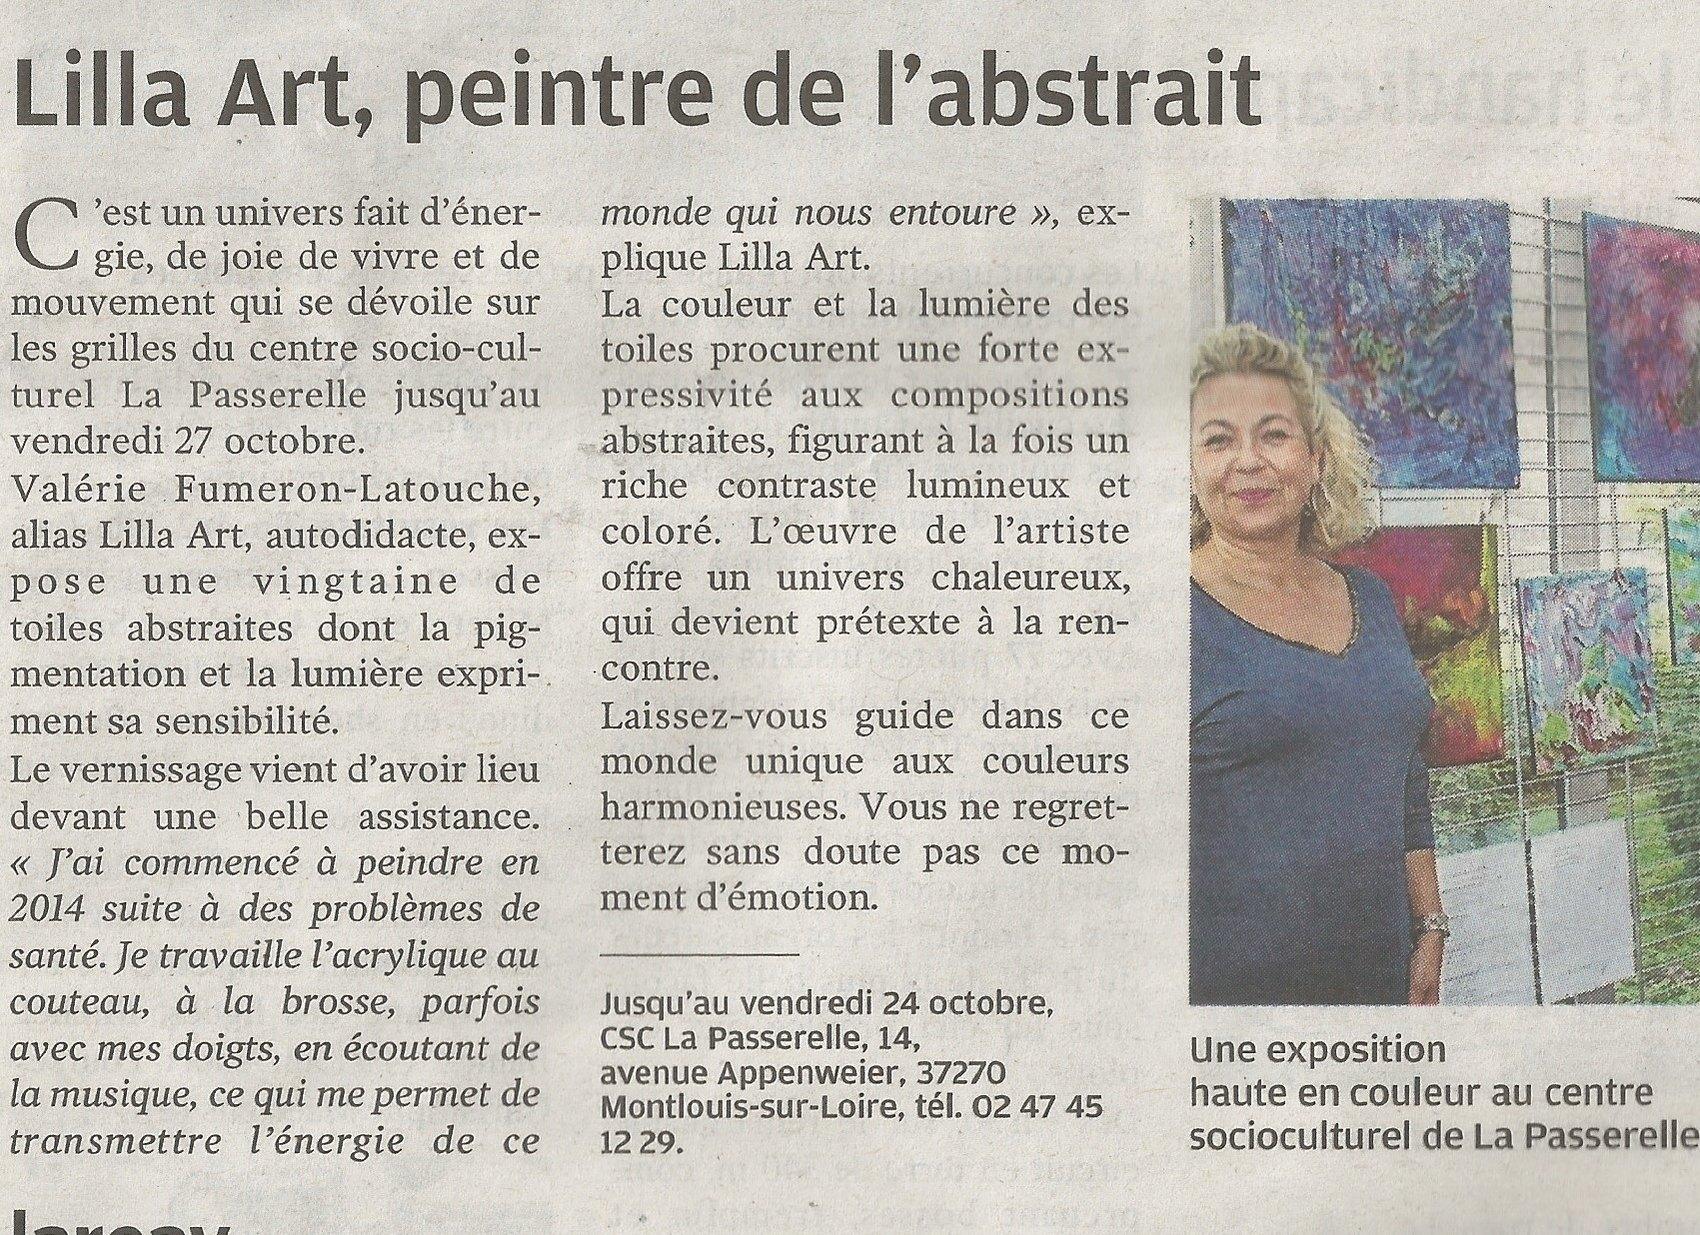 EXPOSITION Lilla Art à MONTLOUIS SUR LOIRE